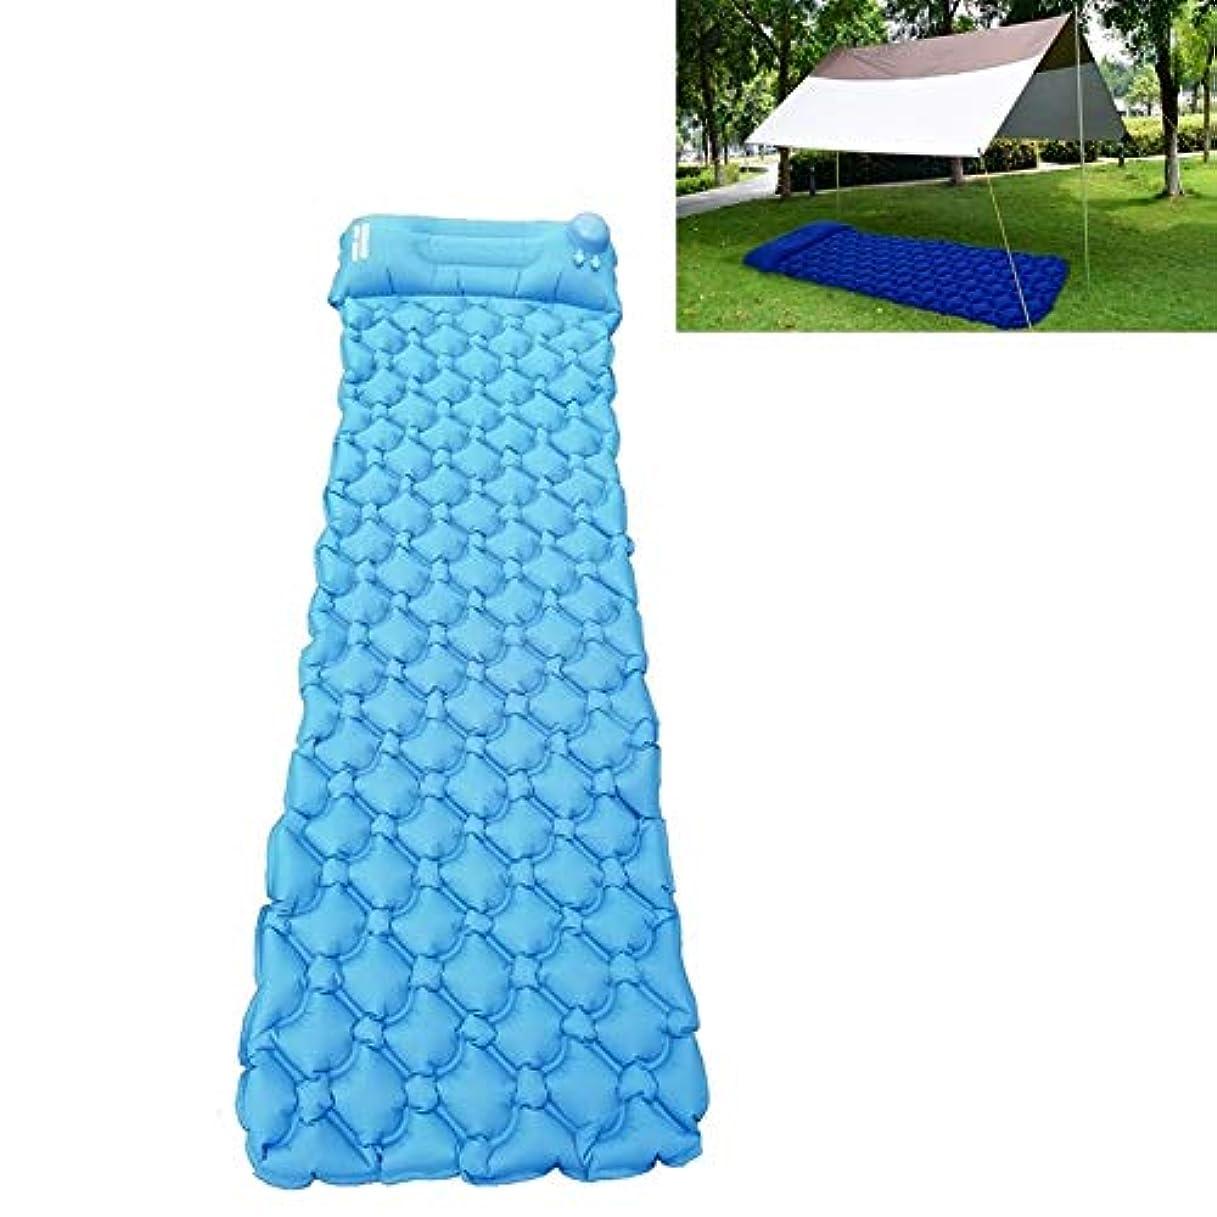 打ち上げる不承認談話屋外 携帯用 テント キャンプ 睡眠のパッド 超軽い 折りたたみ 押す空気マットレス (色 : 青)